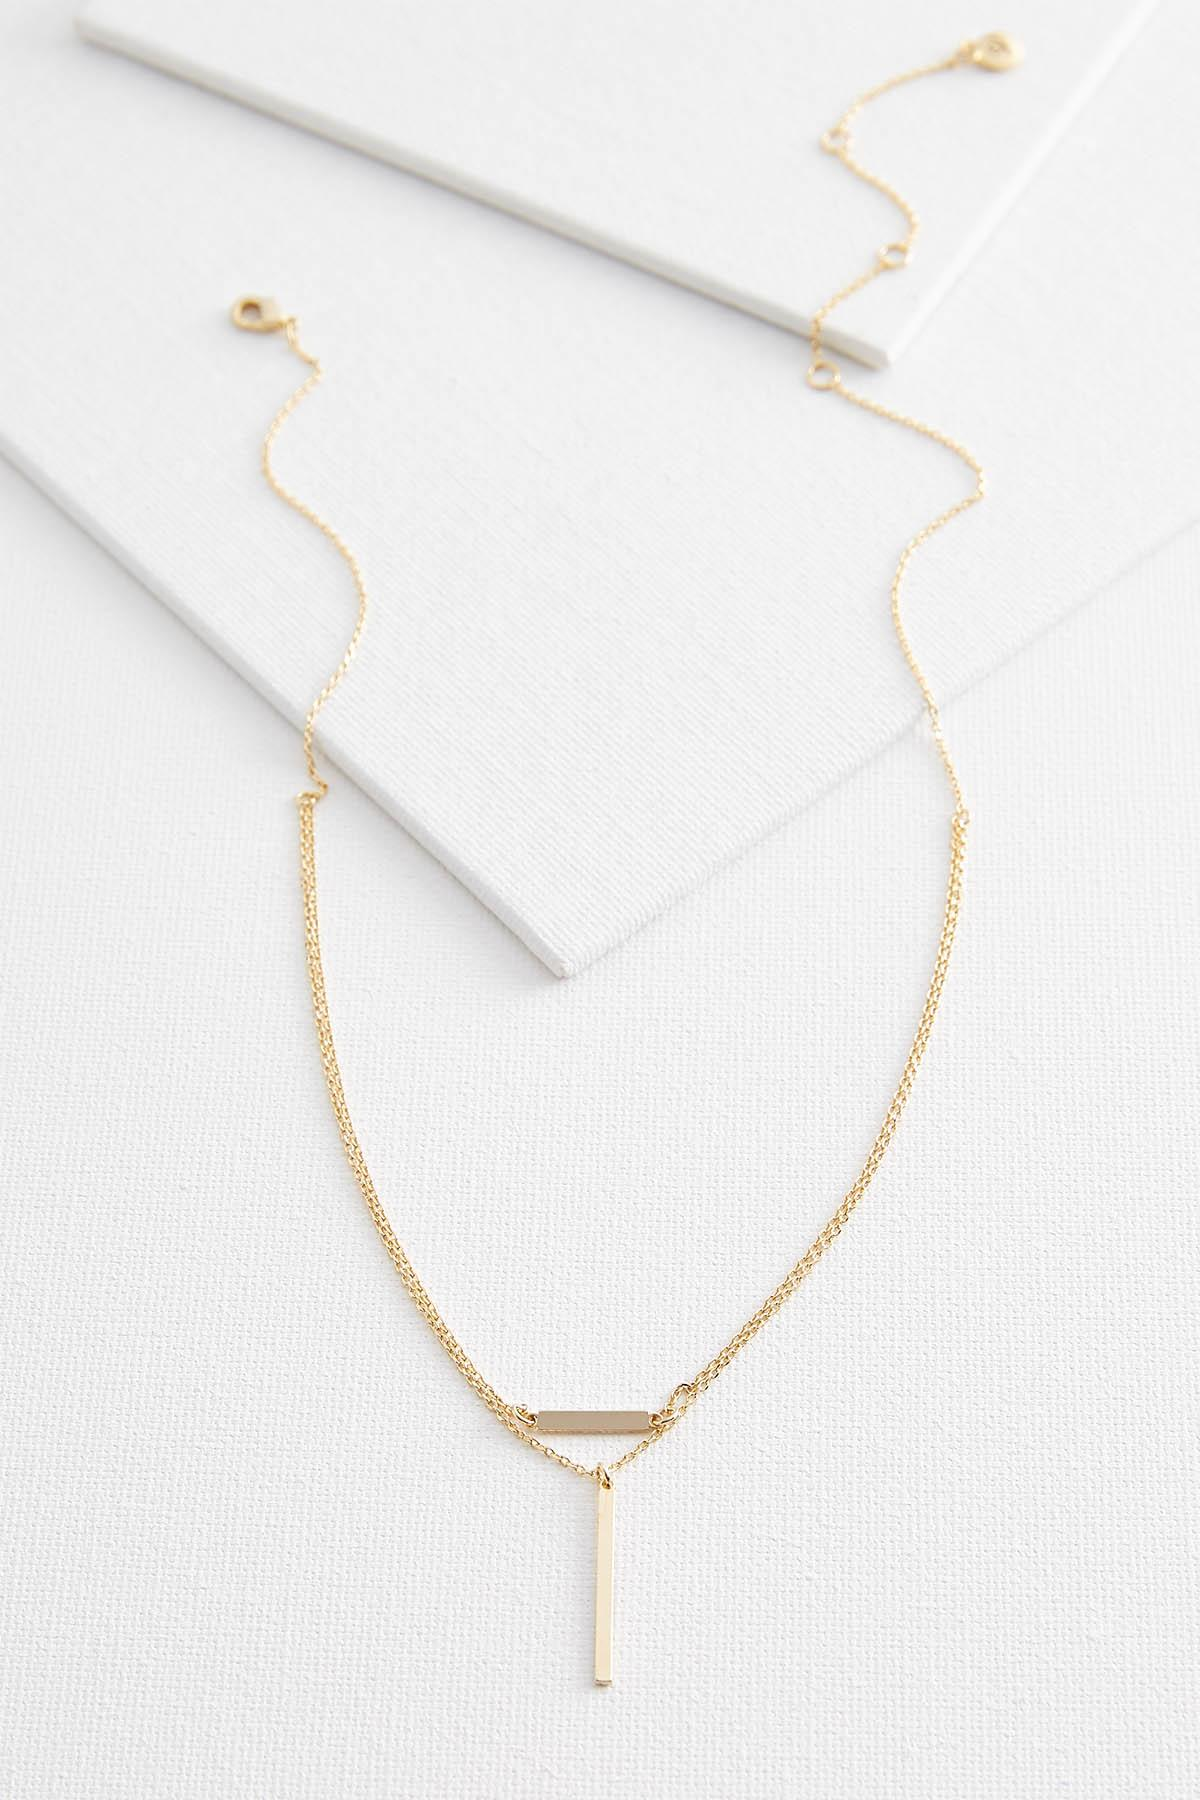 Raise The Bar Pendant Necklace